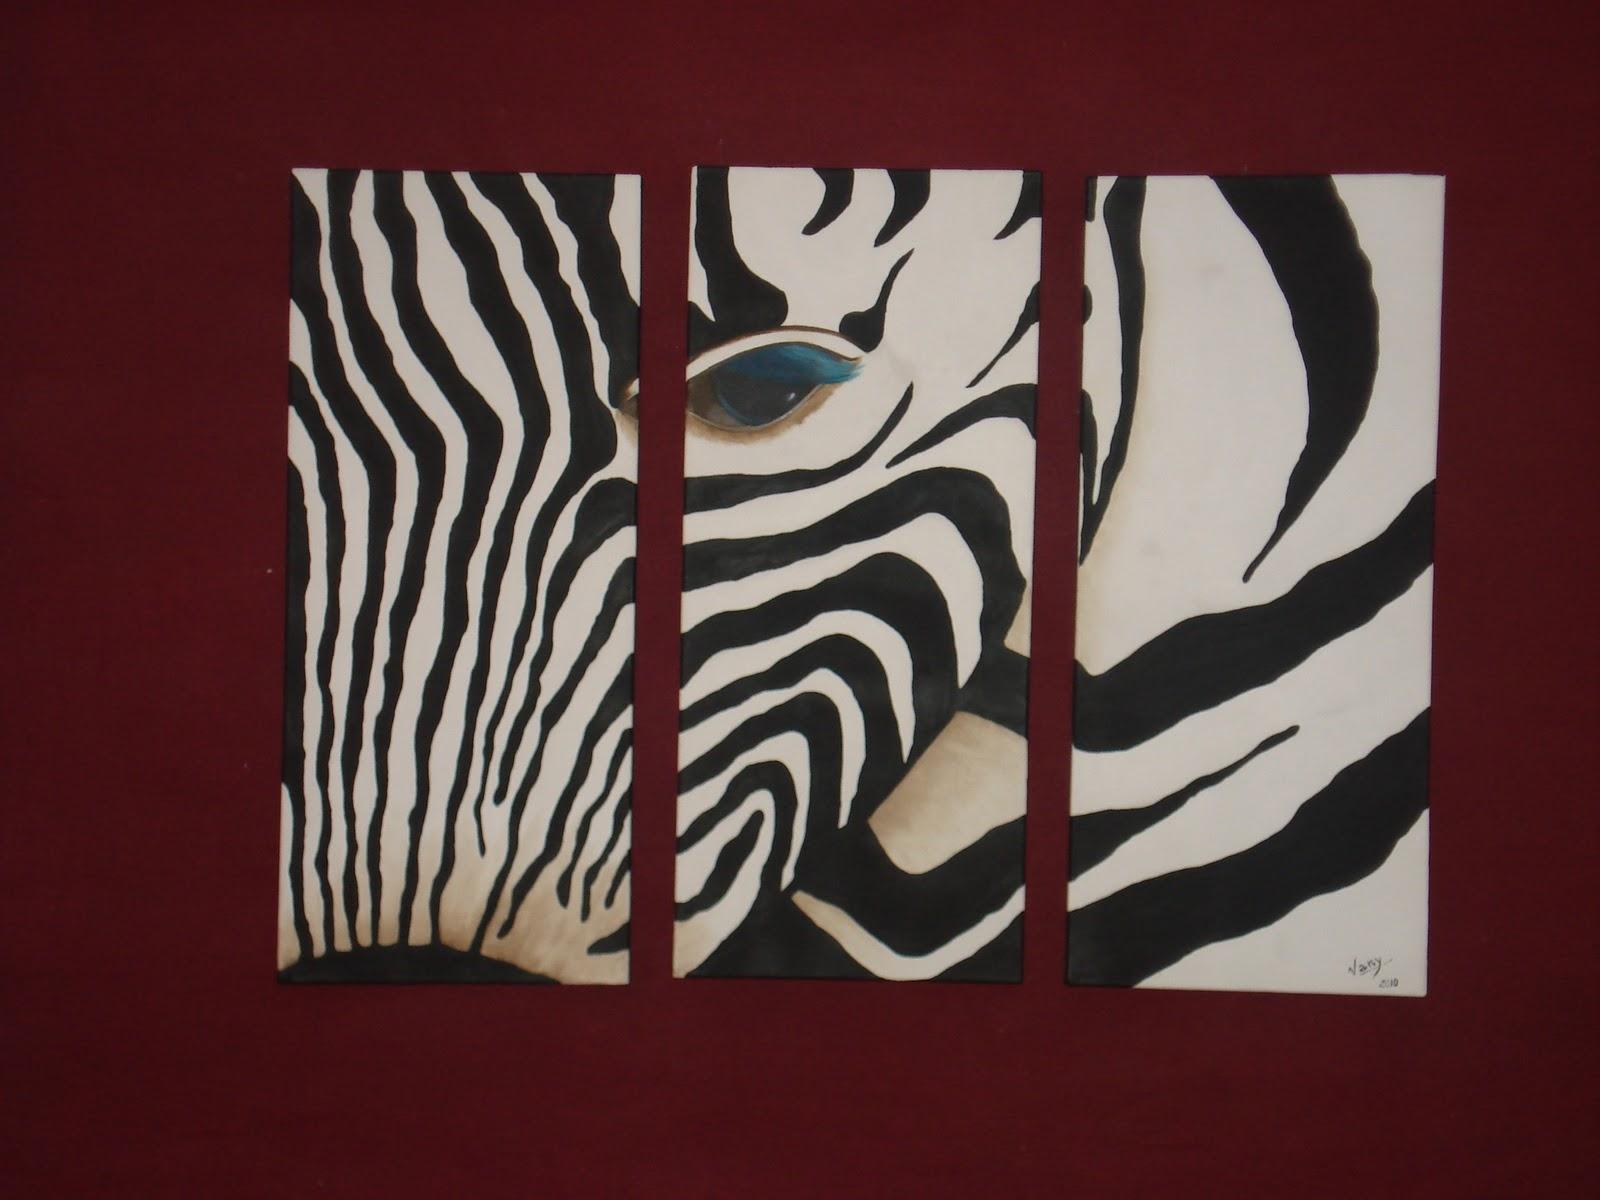 Cuadros de piel de cebras imagui - Cuadros de cebras ...